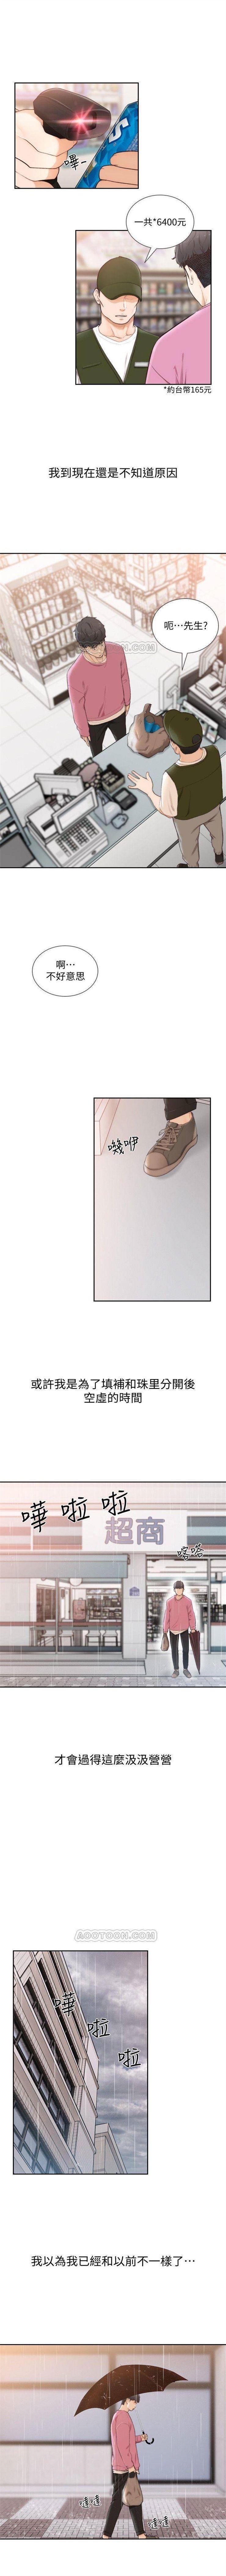 前女友 1-48 中文翻译(更新中) 265